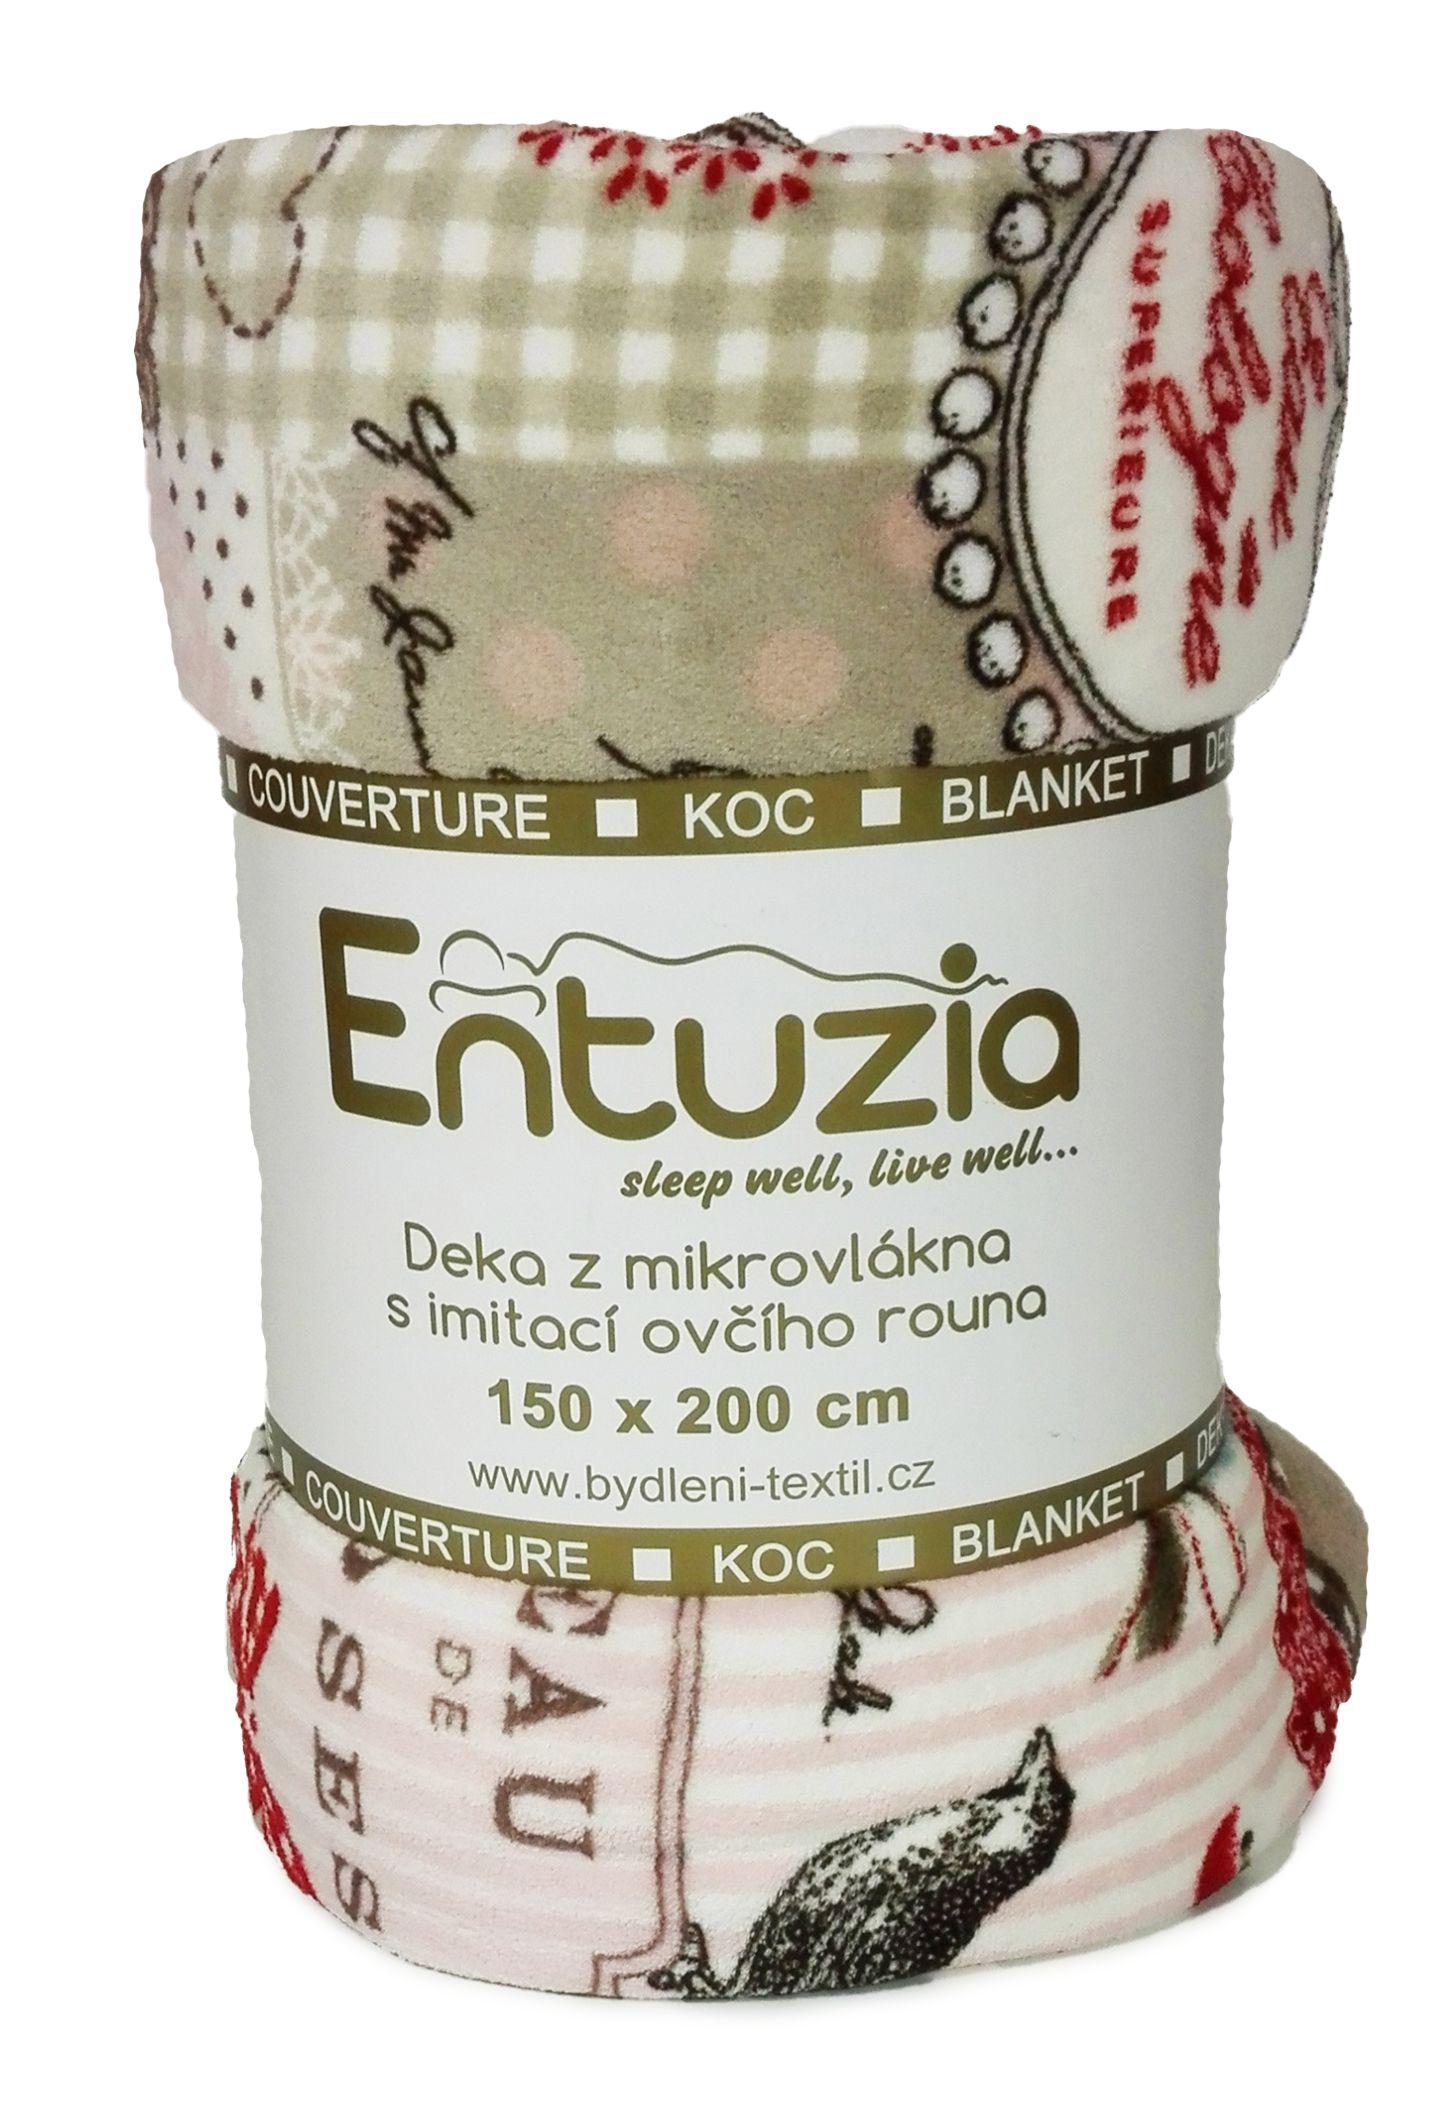 Entuzia deka z mikrovlákna BERÁNEK tisk patchwork růžový, 150x200cm